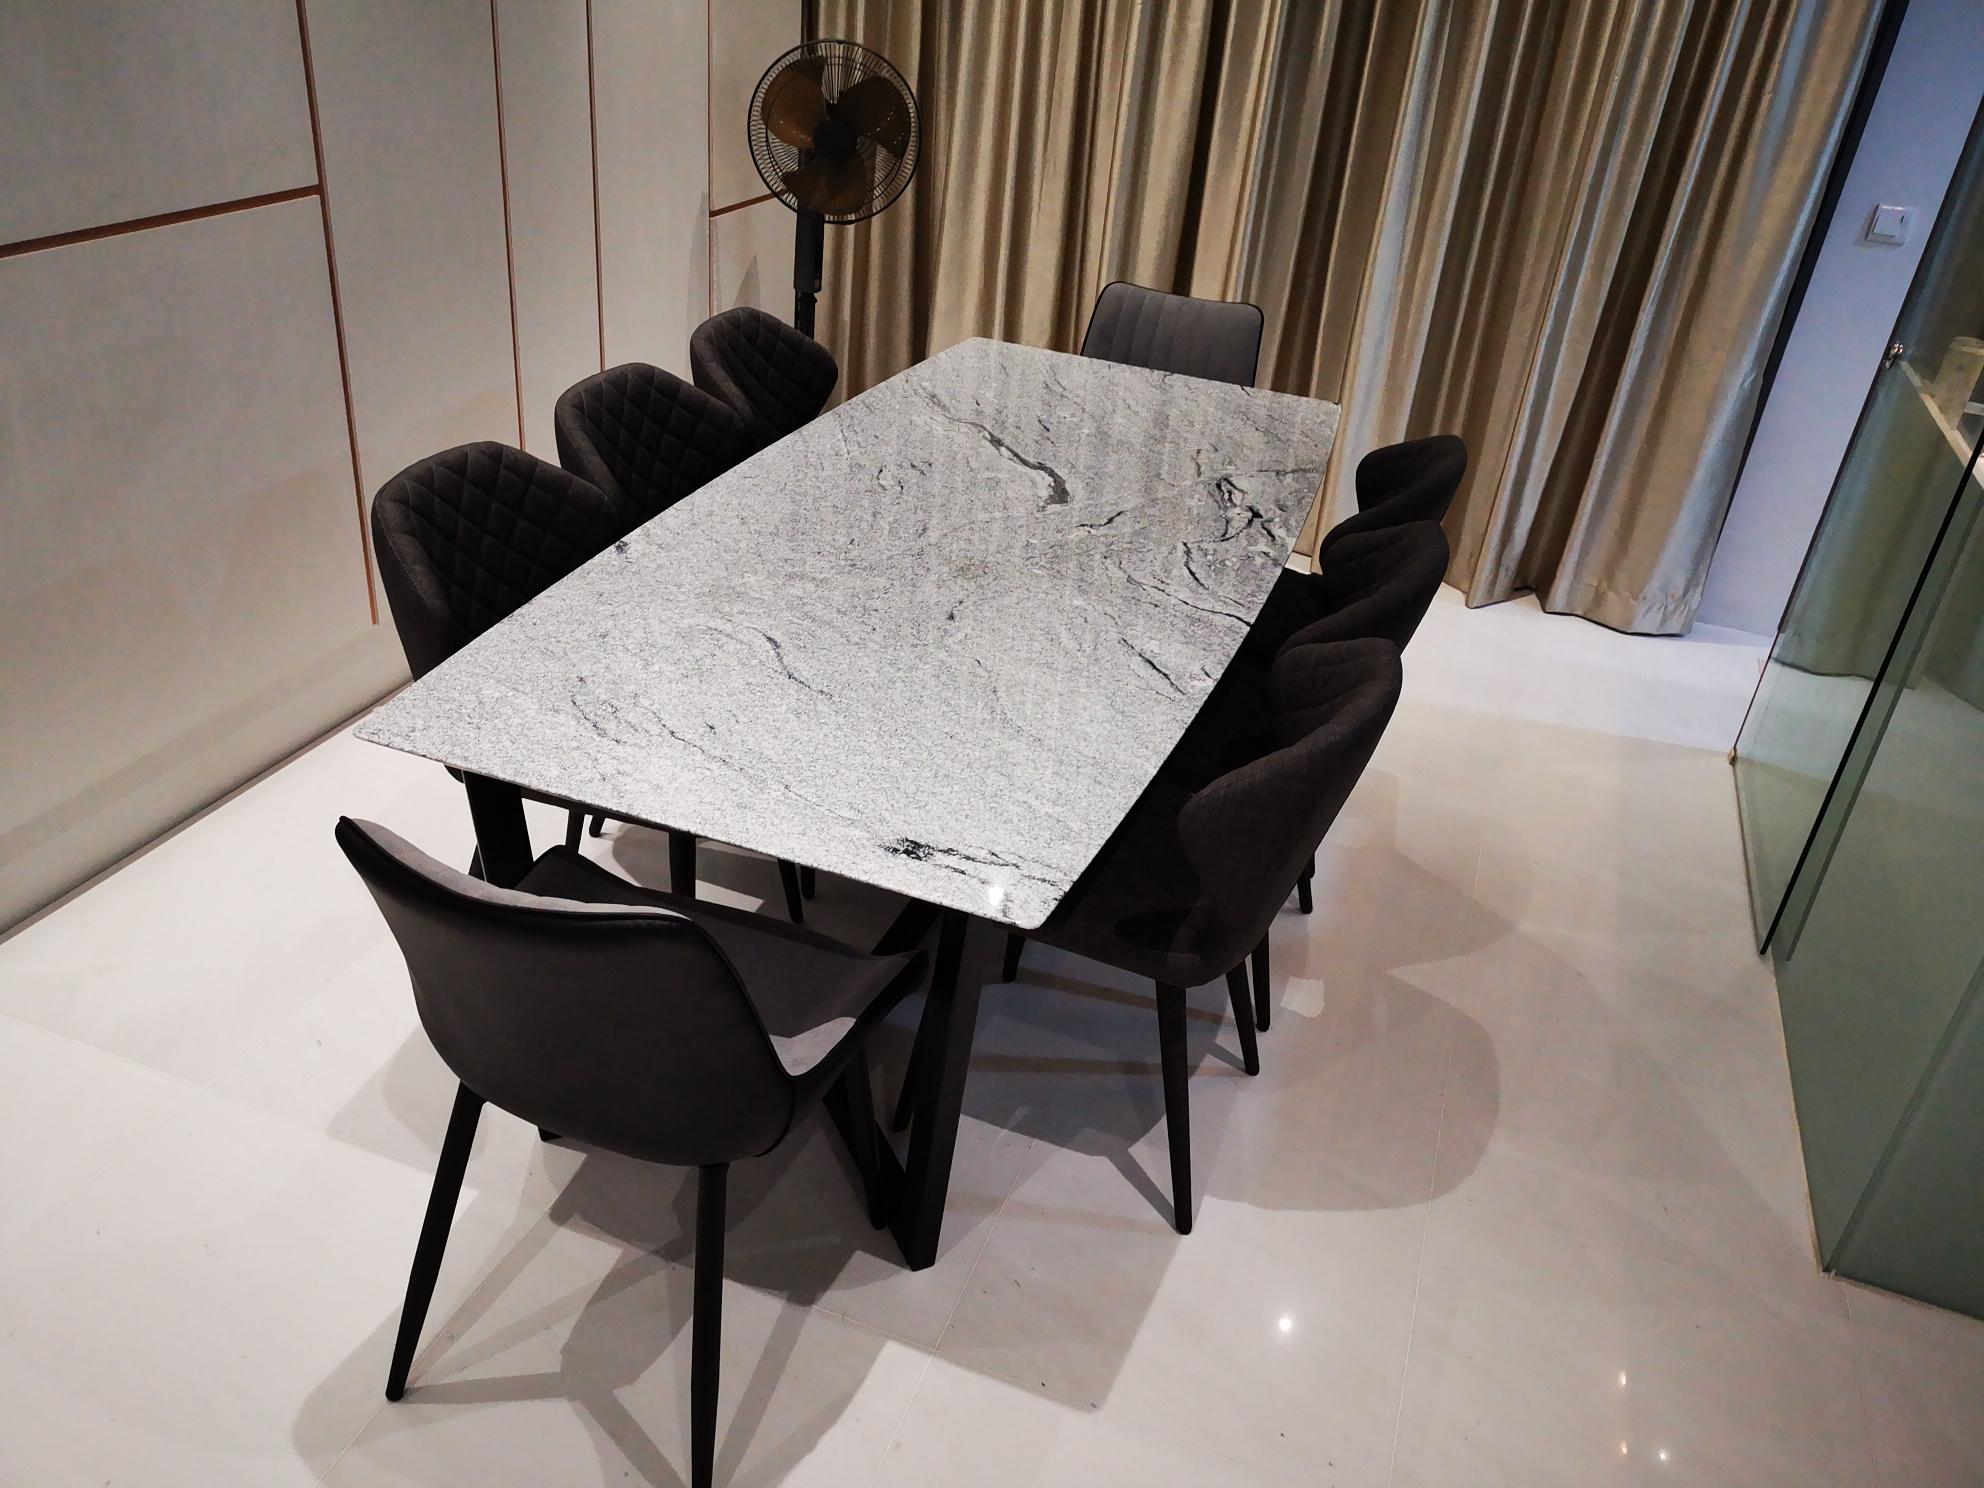 Bianca Granite Table, 2200L x 1000W, Blanco Vis, Polished, Knoll, Steel 38 x 65 (5)